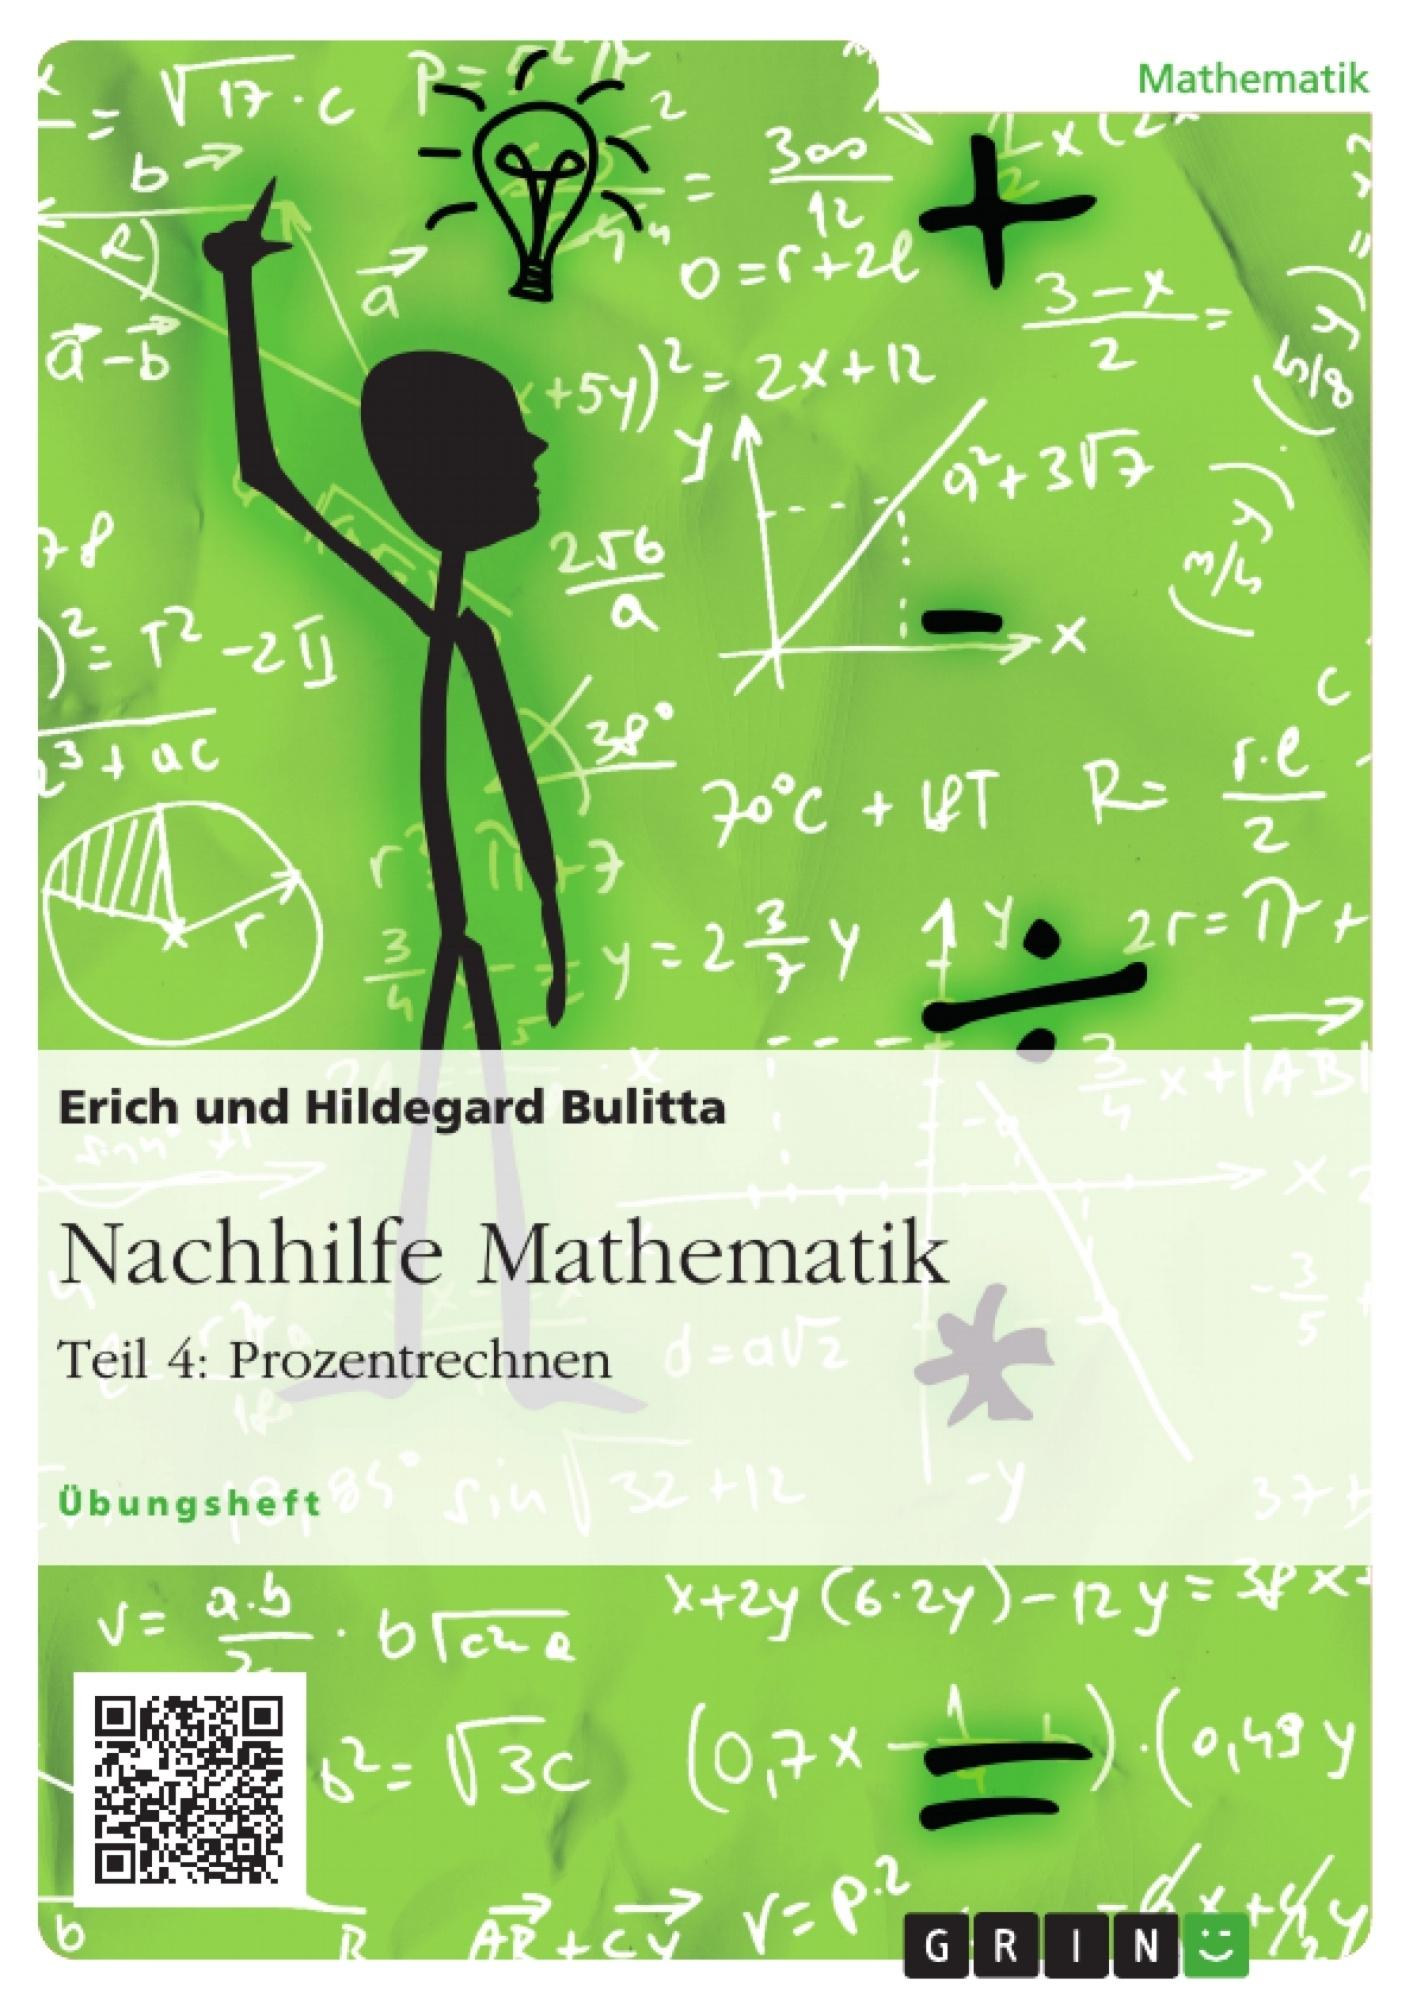 Nachhilfe Mathematik - Teil 4: Prozentrechnen | Masterarbeit ...